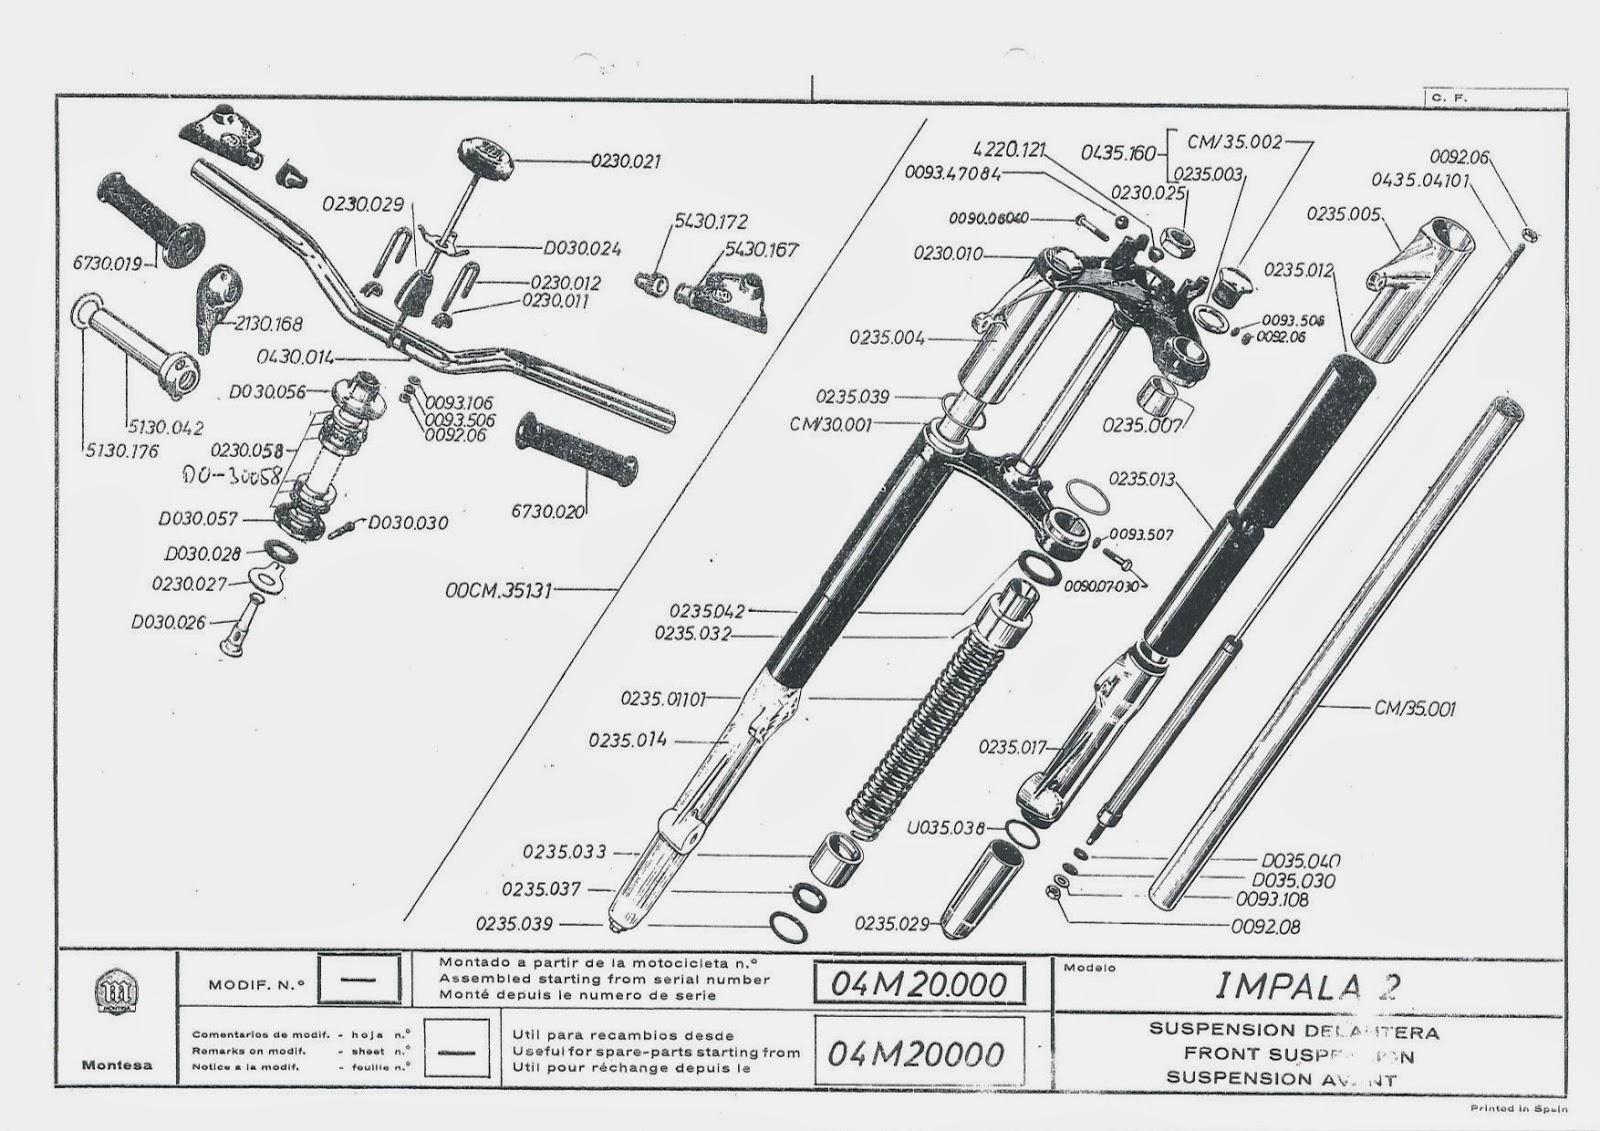 Montesa King Scorpion: Rodamientos de dirección de Impala